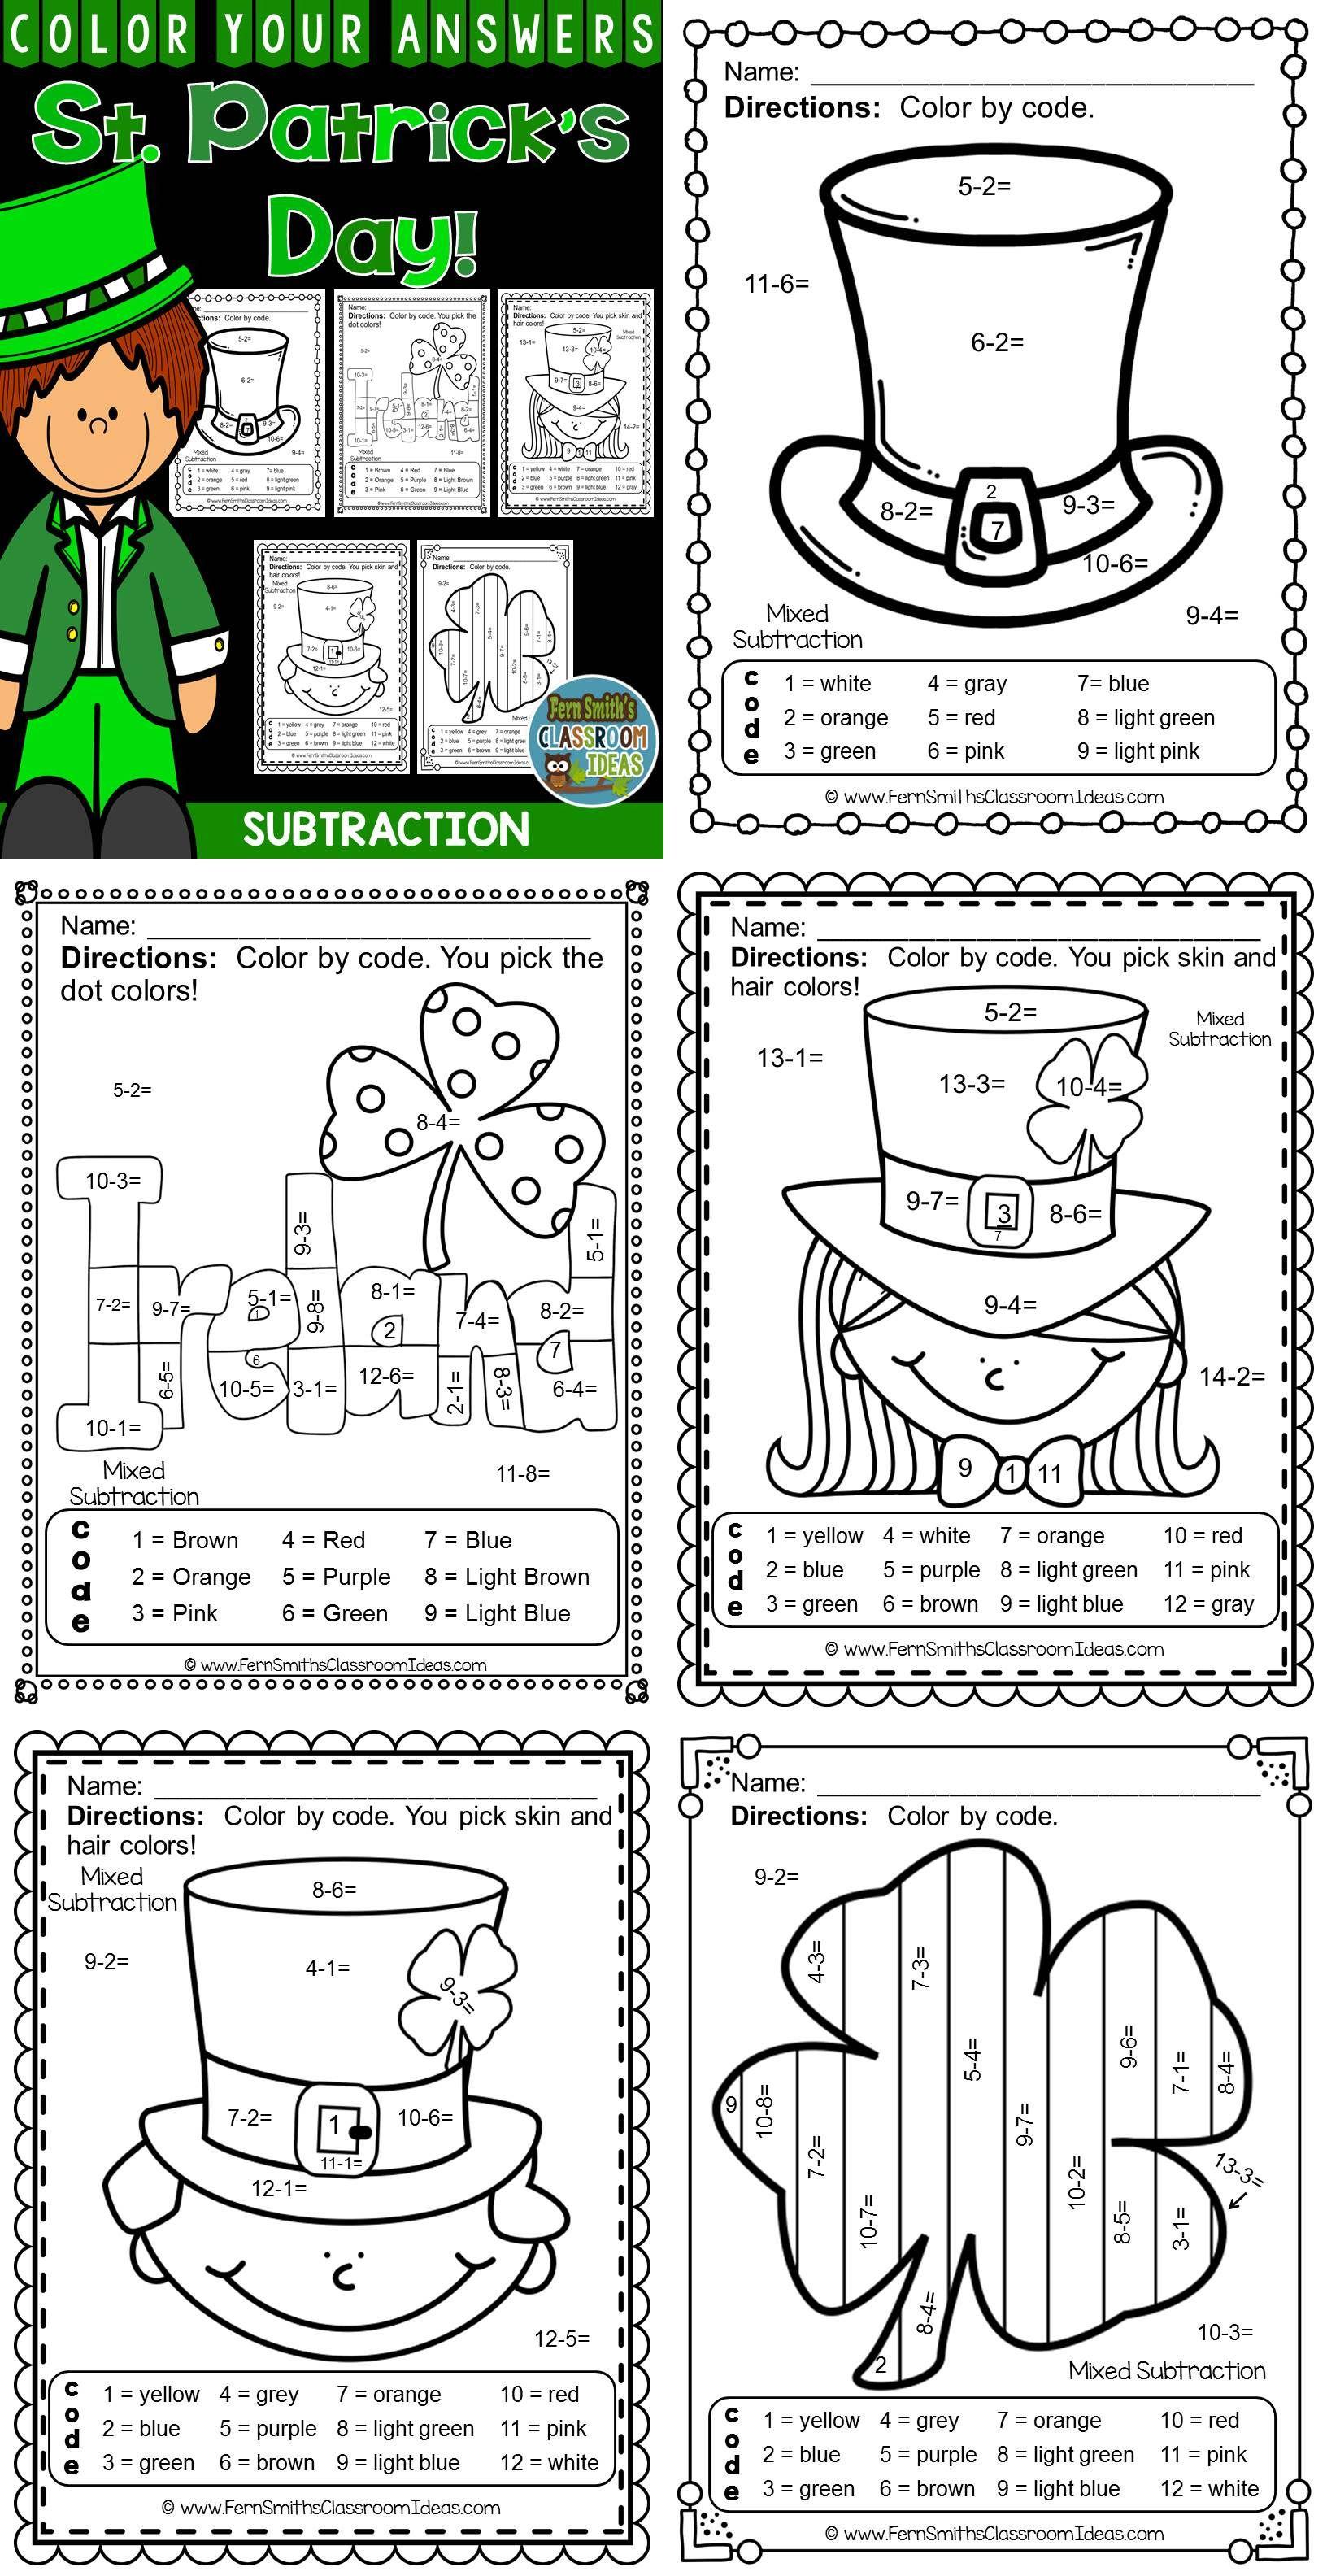 Stpatricks Day Math St Patrick S Day Funky Subtraction